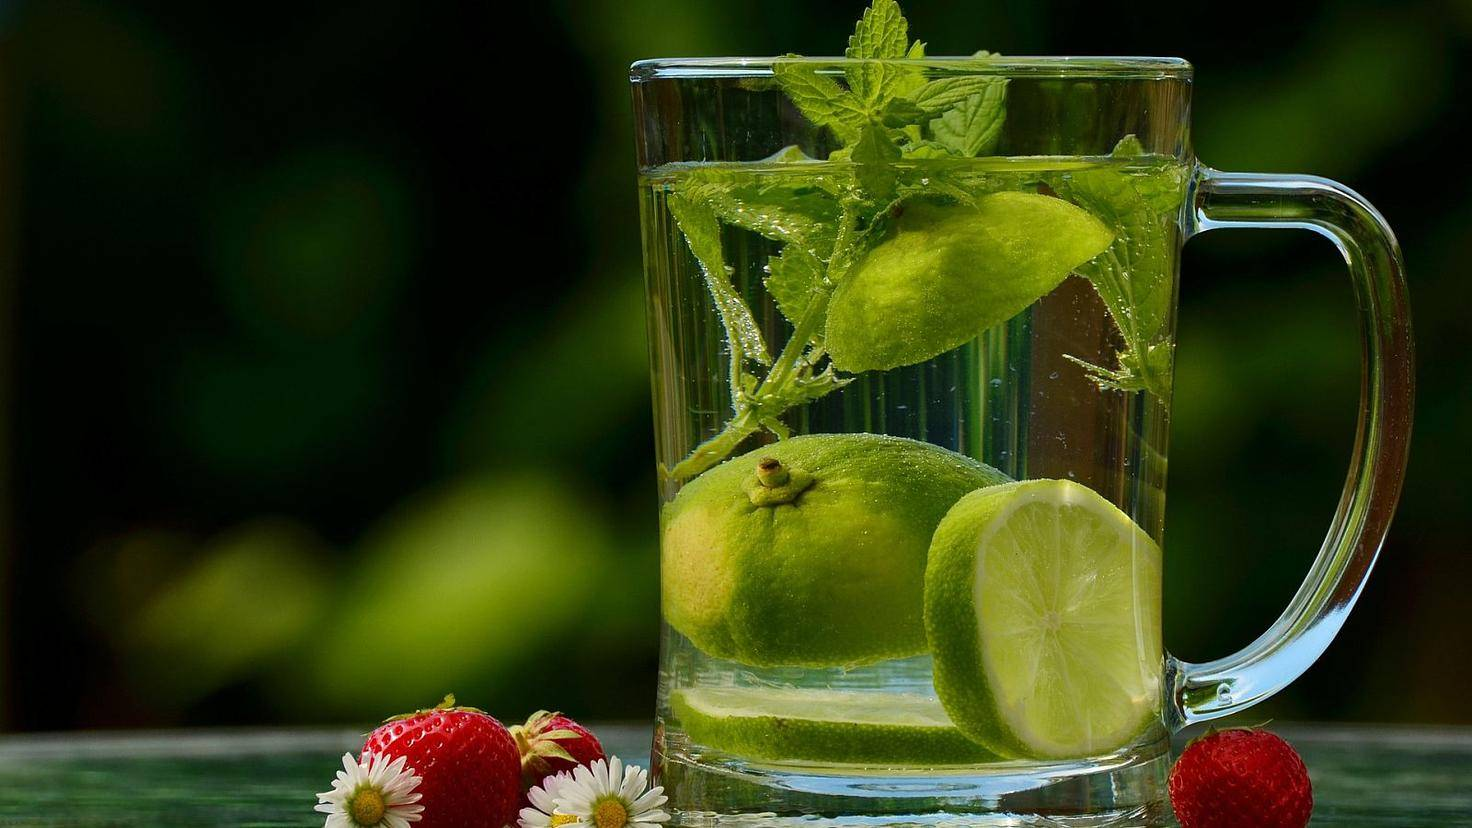 Wasser lässt sich mit Früchten und Kräutern geschmacklich aufpeppen.